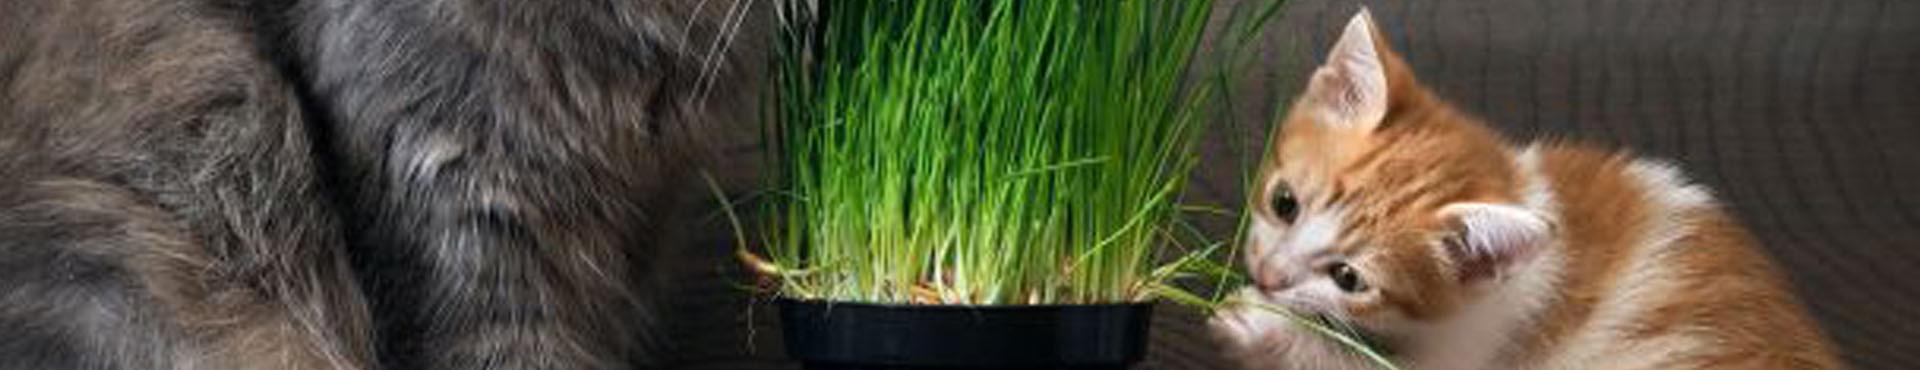 Semi per erba gatta